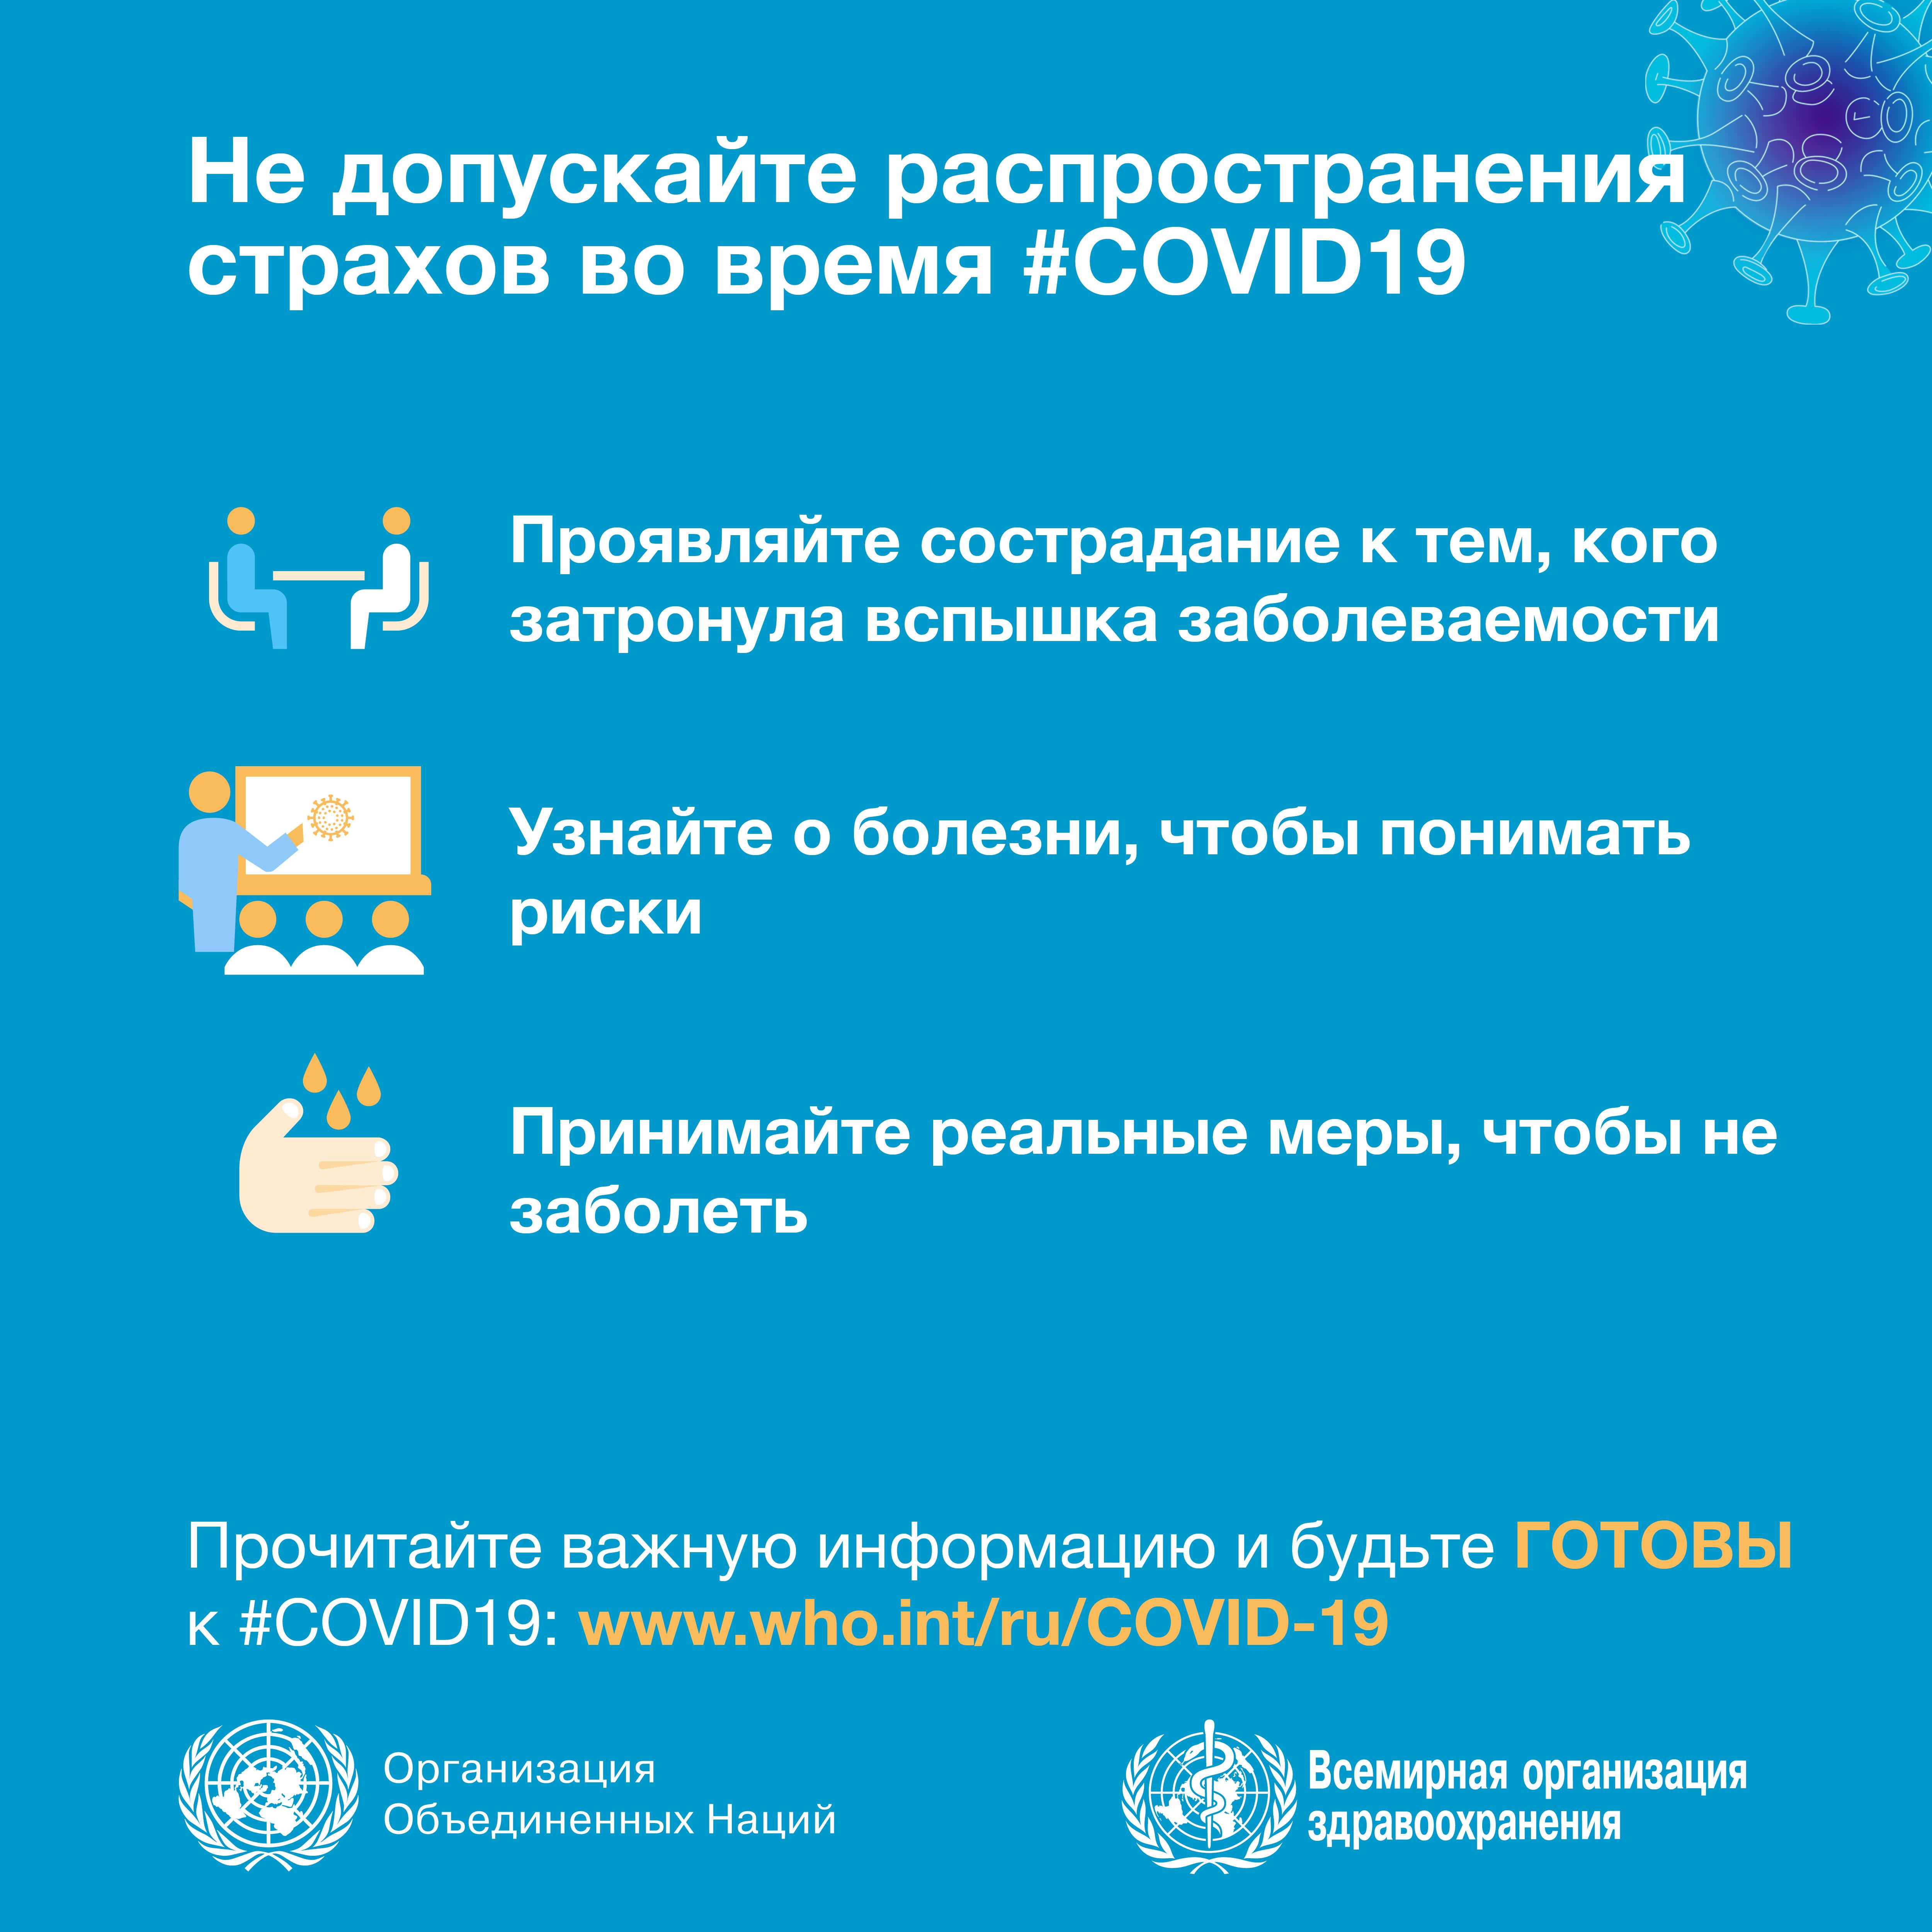 Пандемия covid-19 - пандемия коронавирусной инфекции covid-19, вызванная коронавирусом.